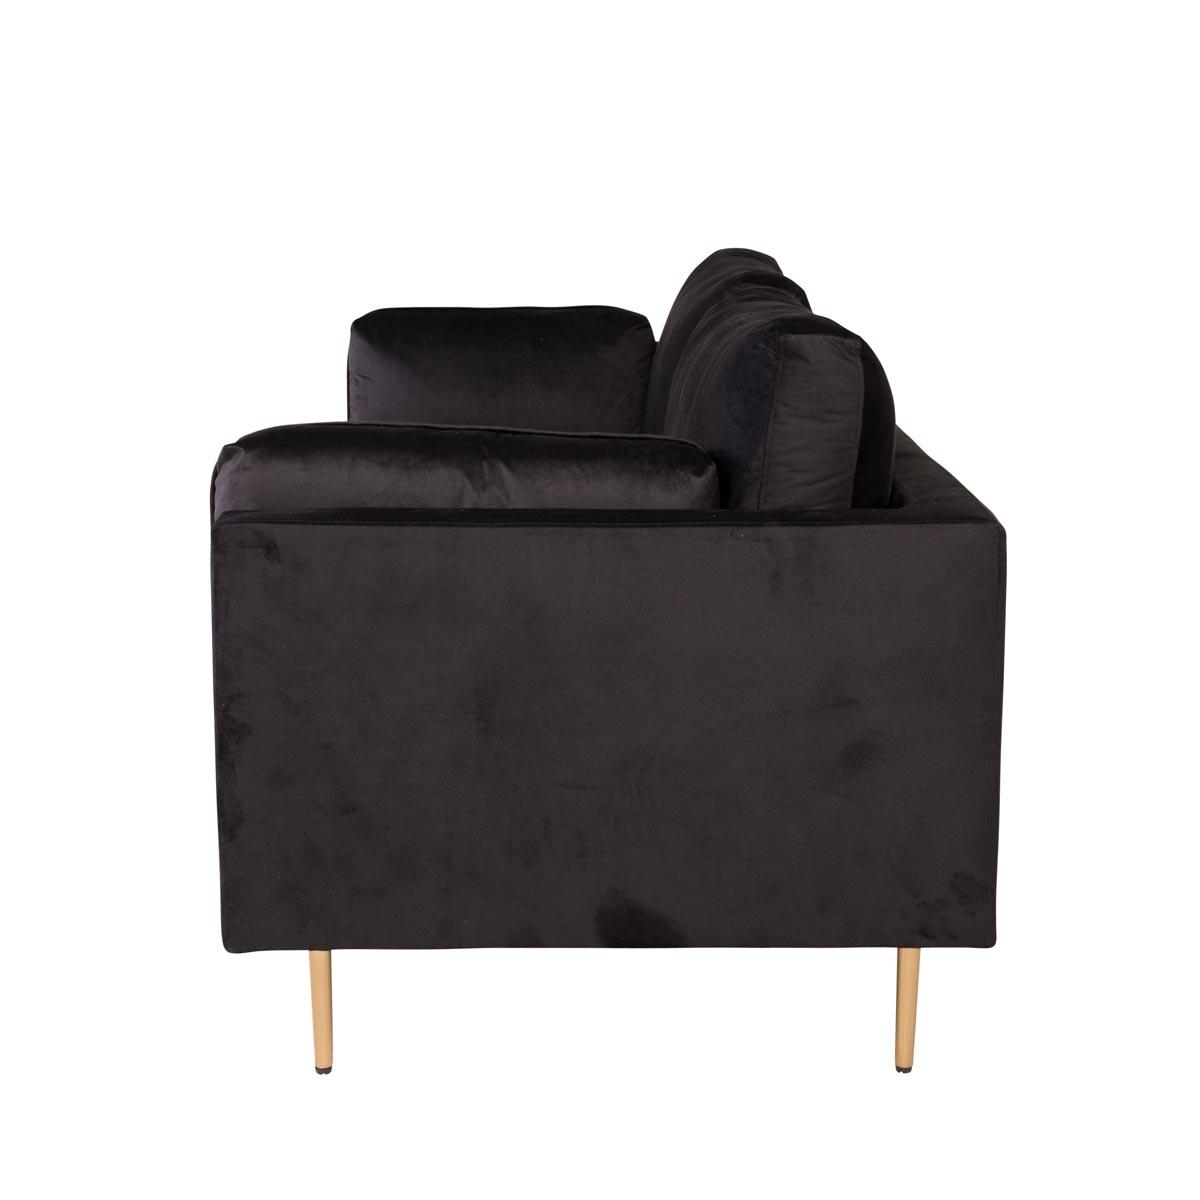 Boom 3-sitssoffa svart sammet sida